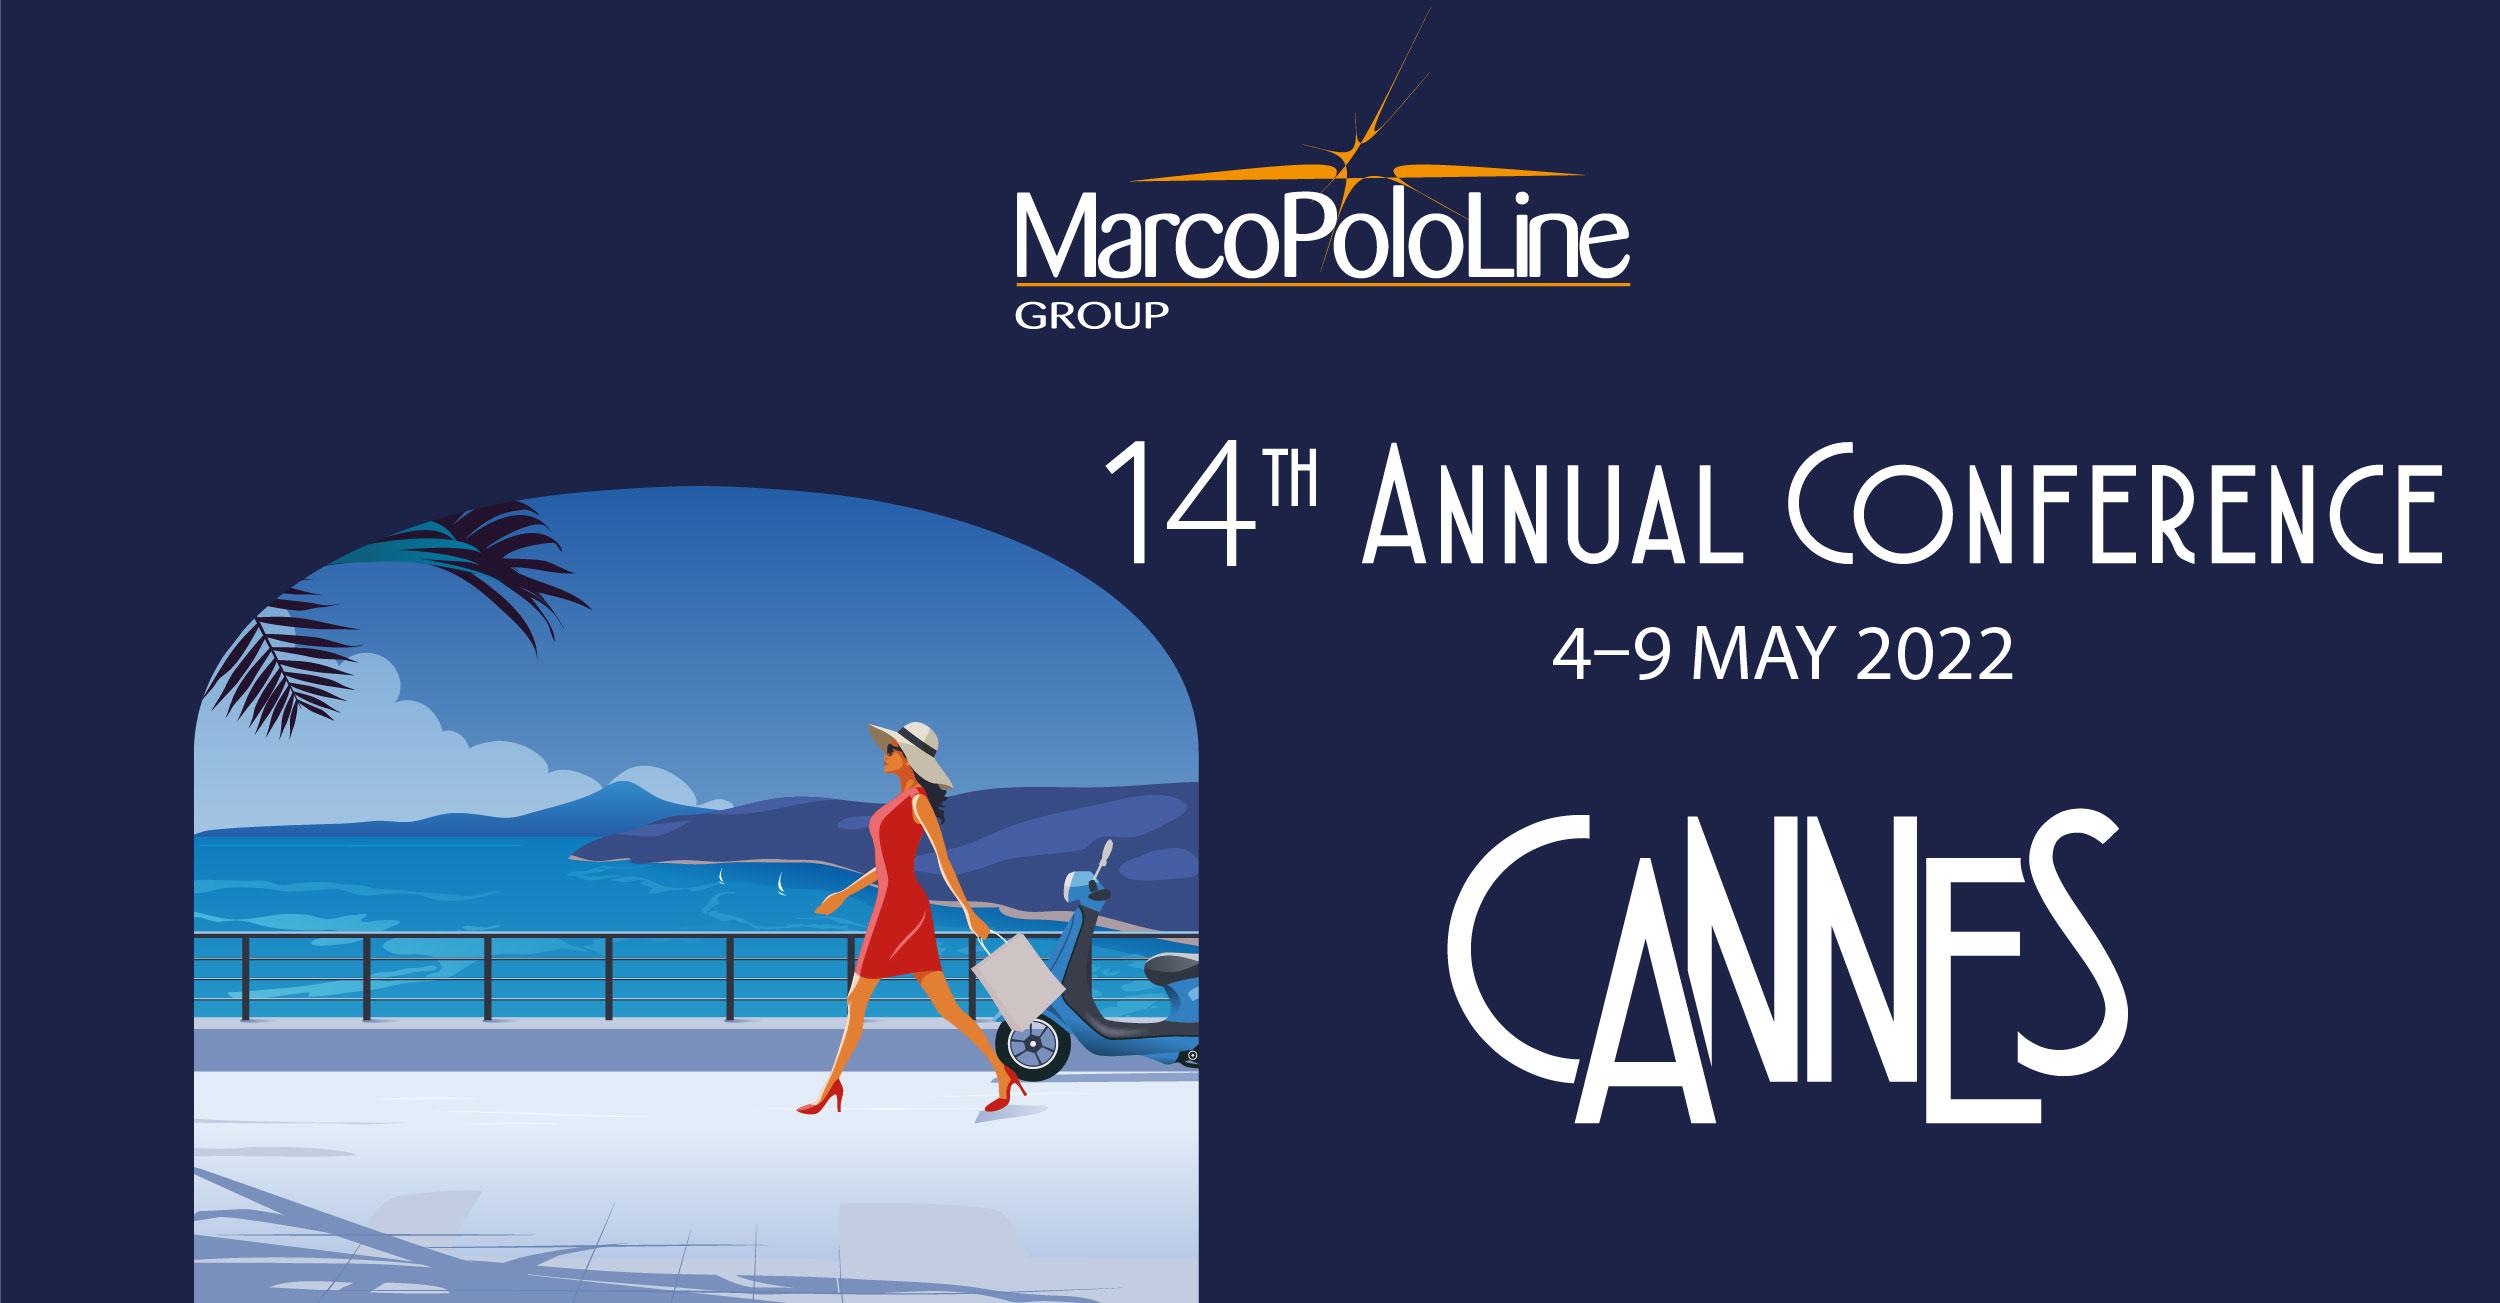 MPL_Calendar 2020_Conference 2022